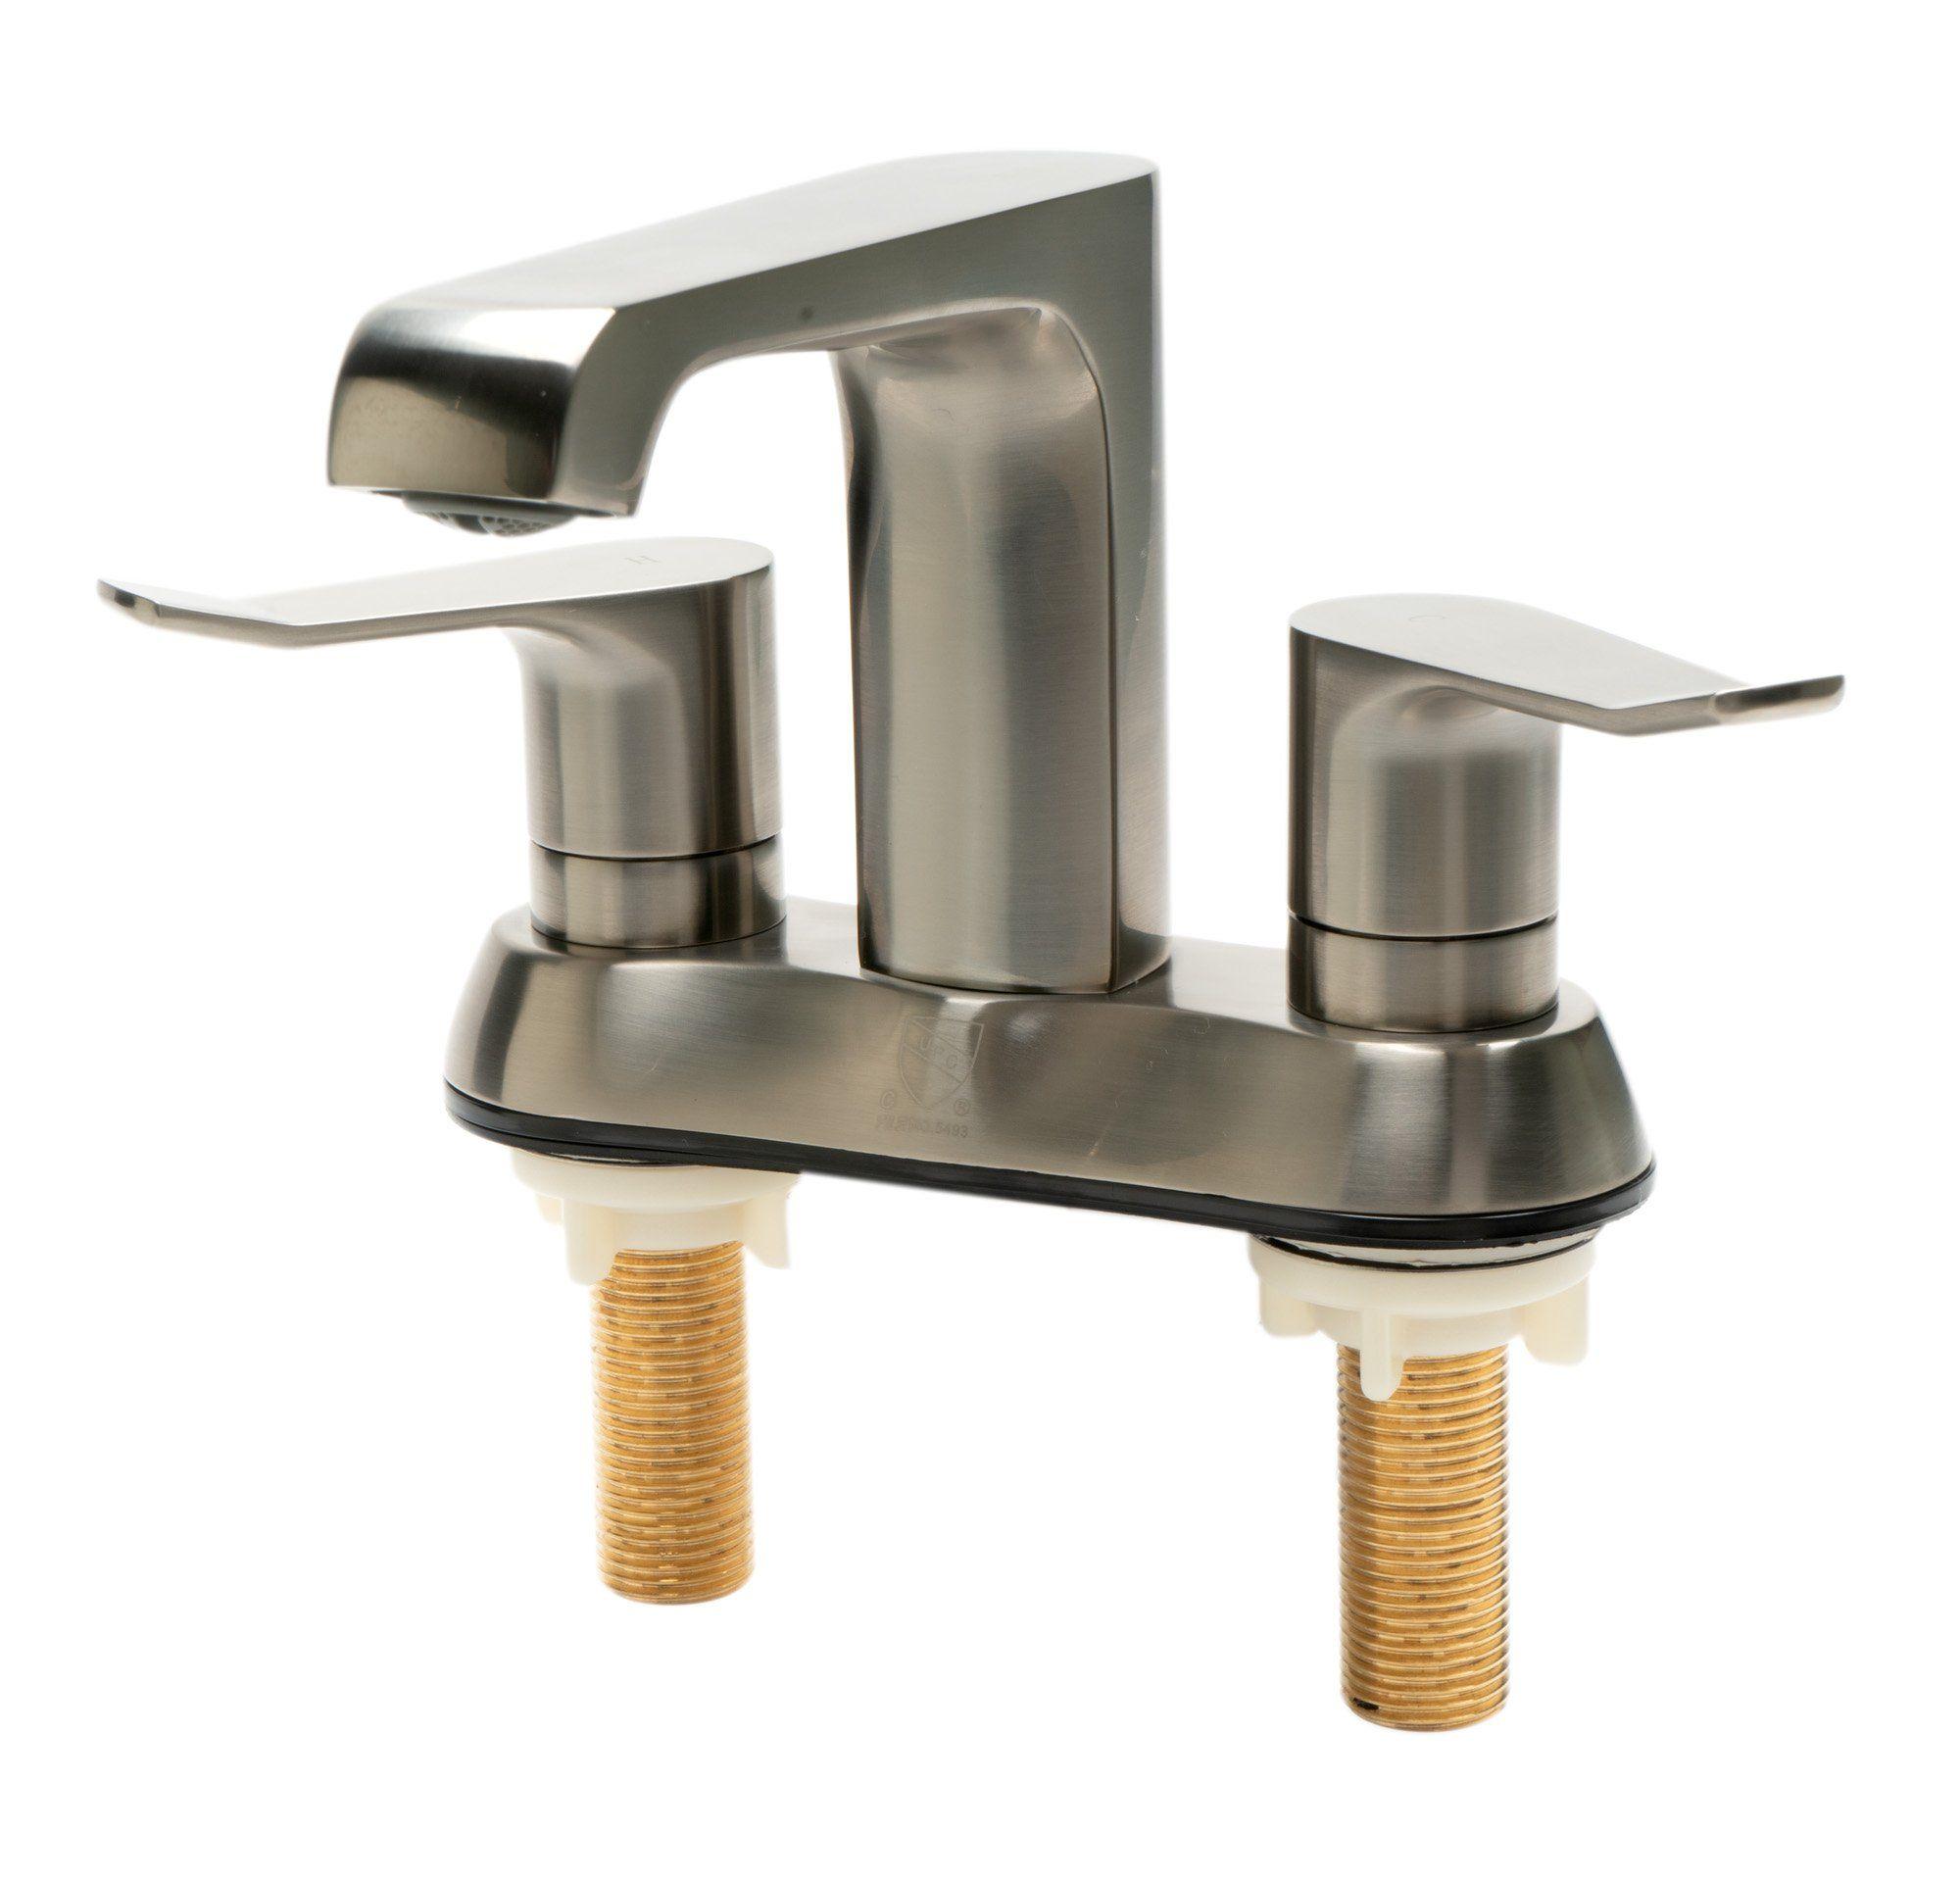 Photo of Zwei-Griff 4-'Centersets Badarmatur aus gebürstetem Nickel